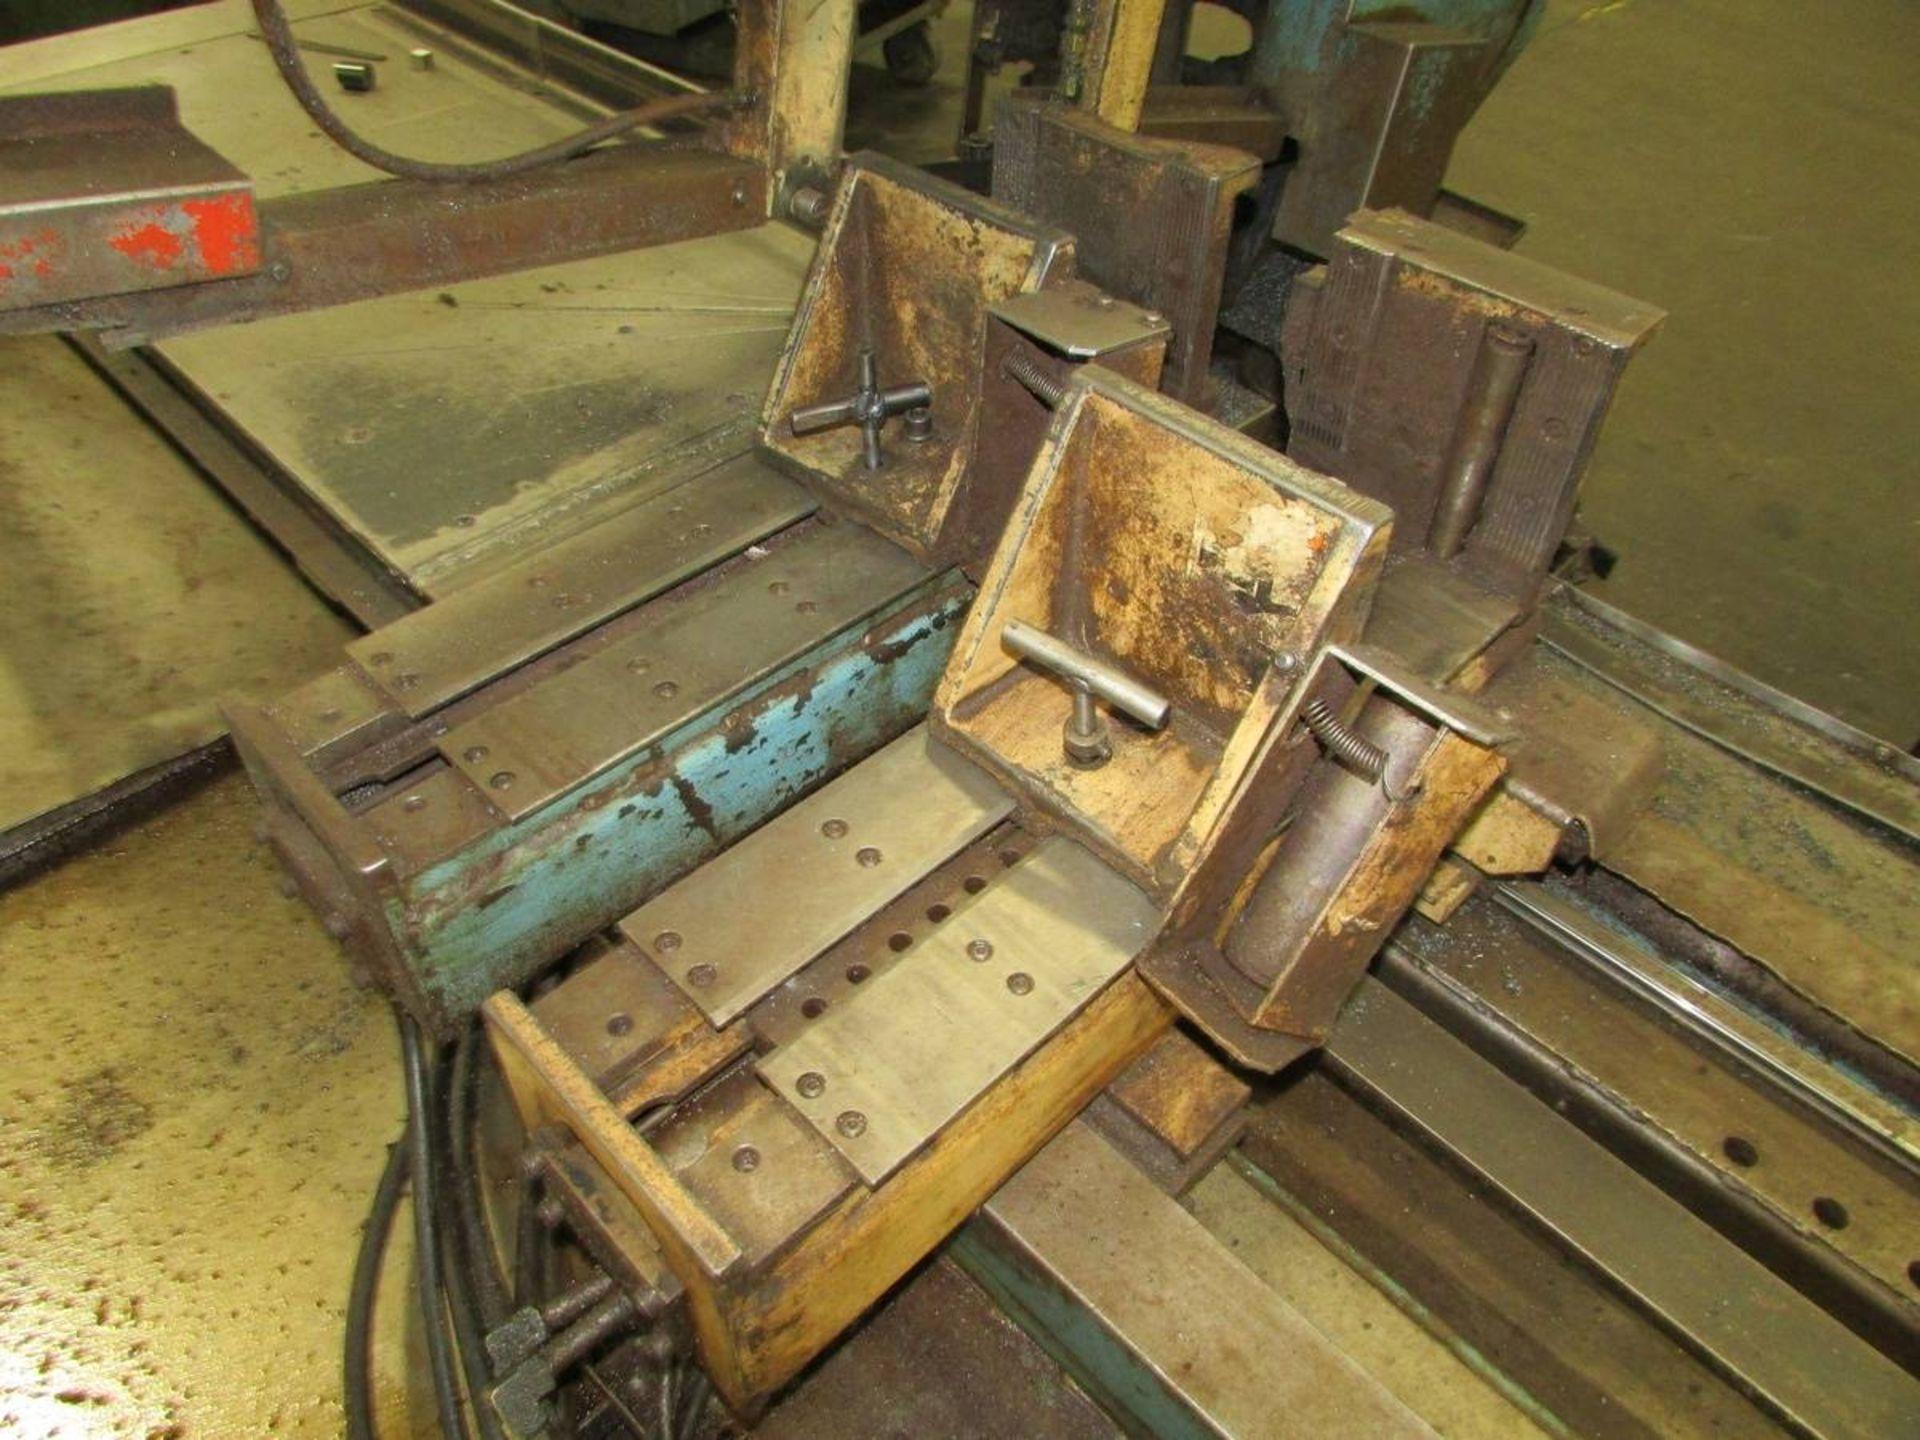 DoAll C-916SA Automatic Horizontal Bandsaw - Image 10 of 14